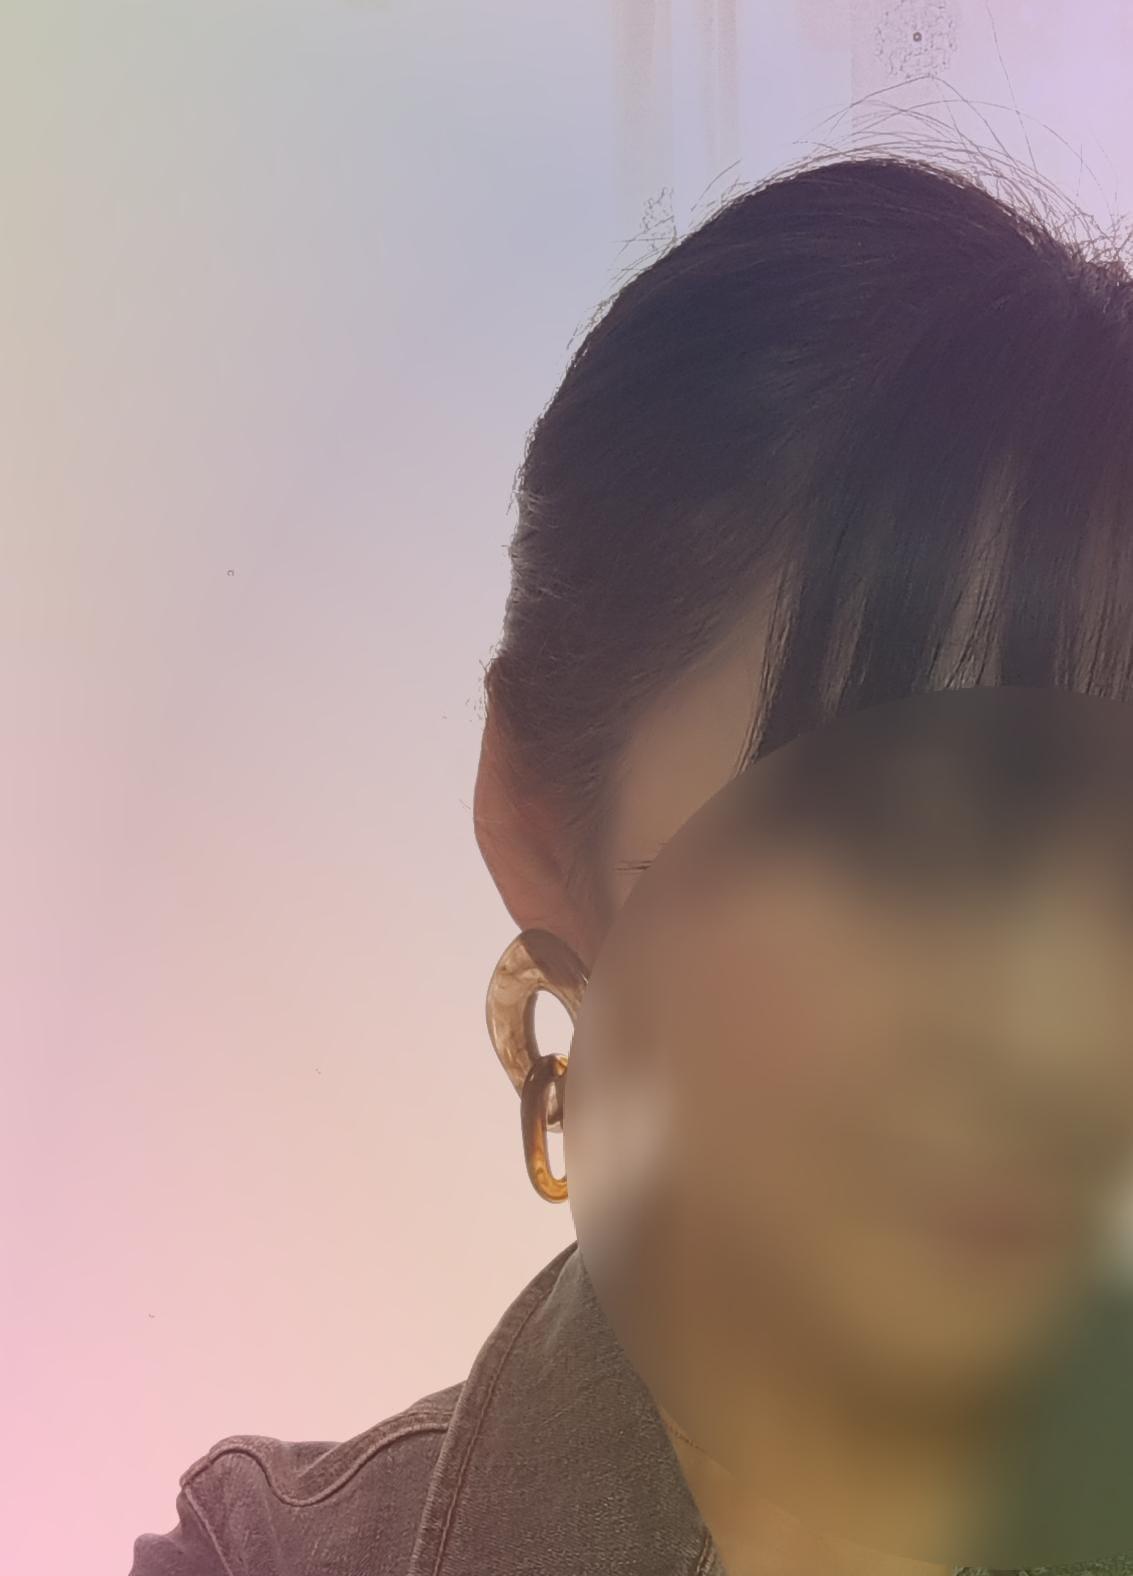 「K君へ★」03/20(03/20) 17:40 | 梨花子の写メ・風俗動画